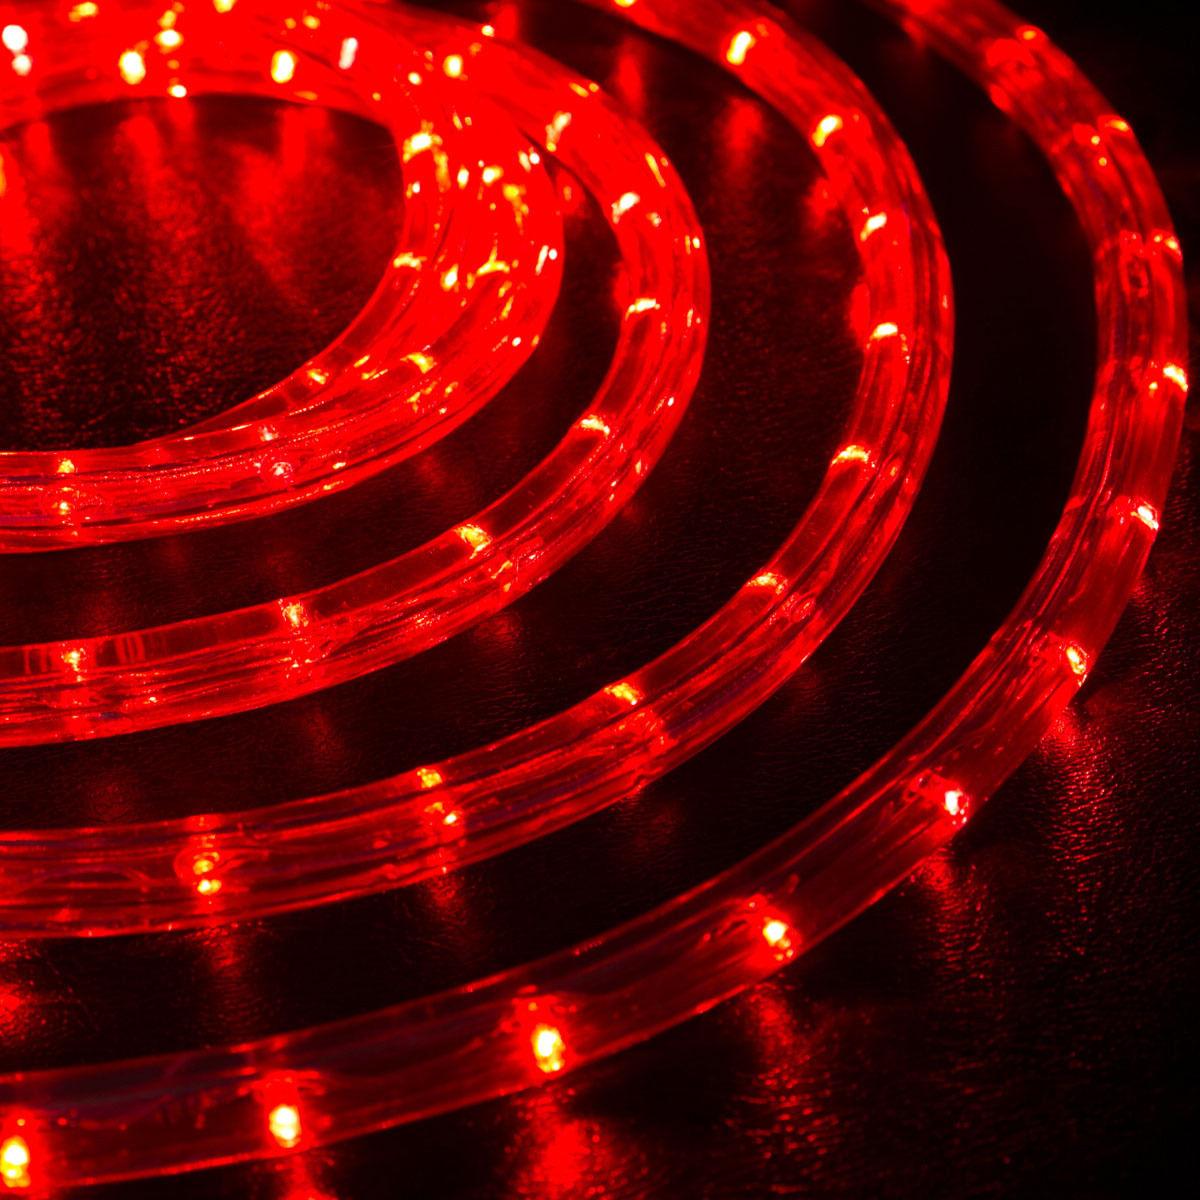 LED 10 метров шланга дюралайт красный цвет набор коннектор в сборе шнур